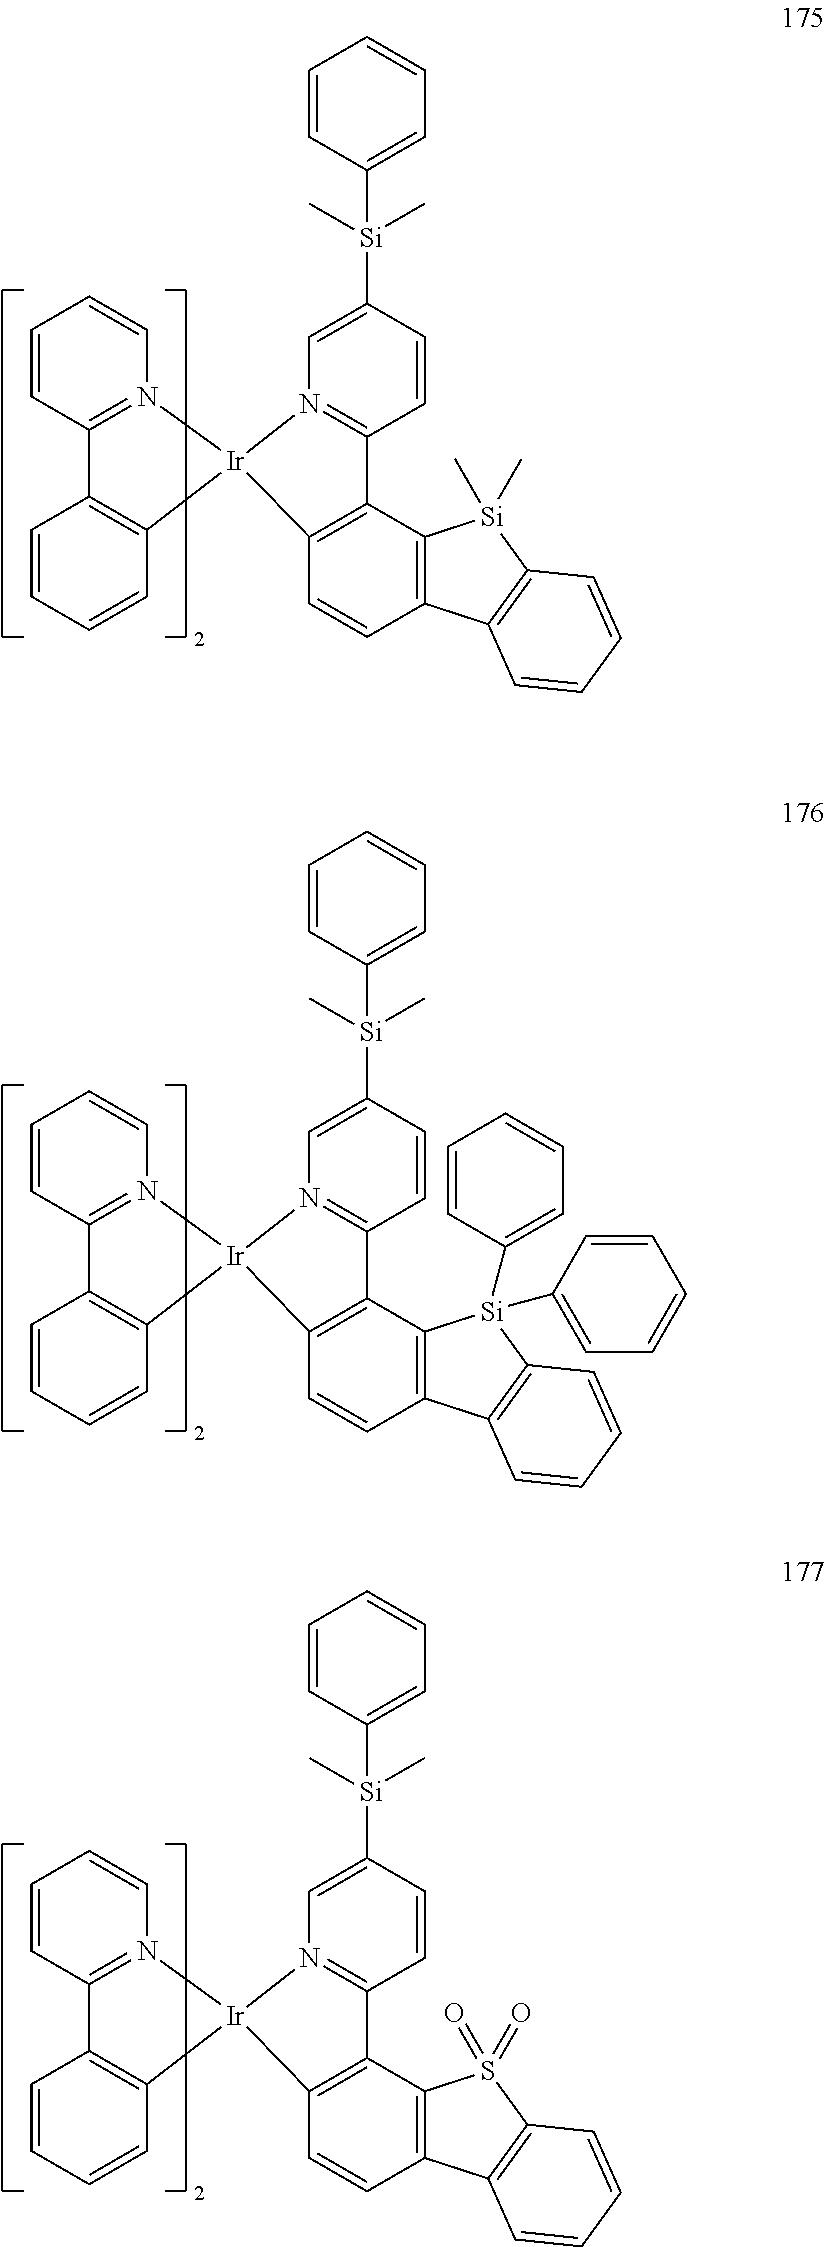 Figure US20160155962A1-20160602-C00379